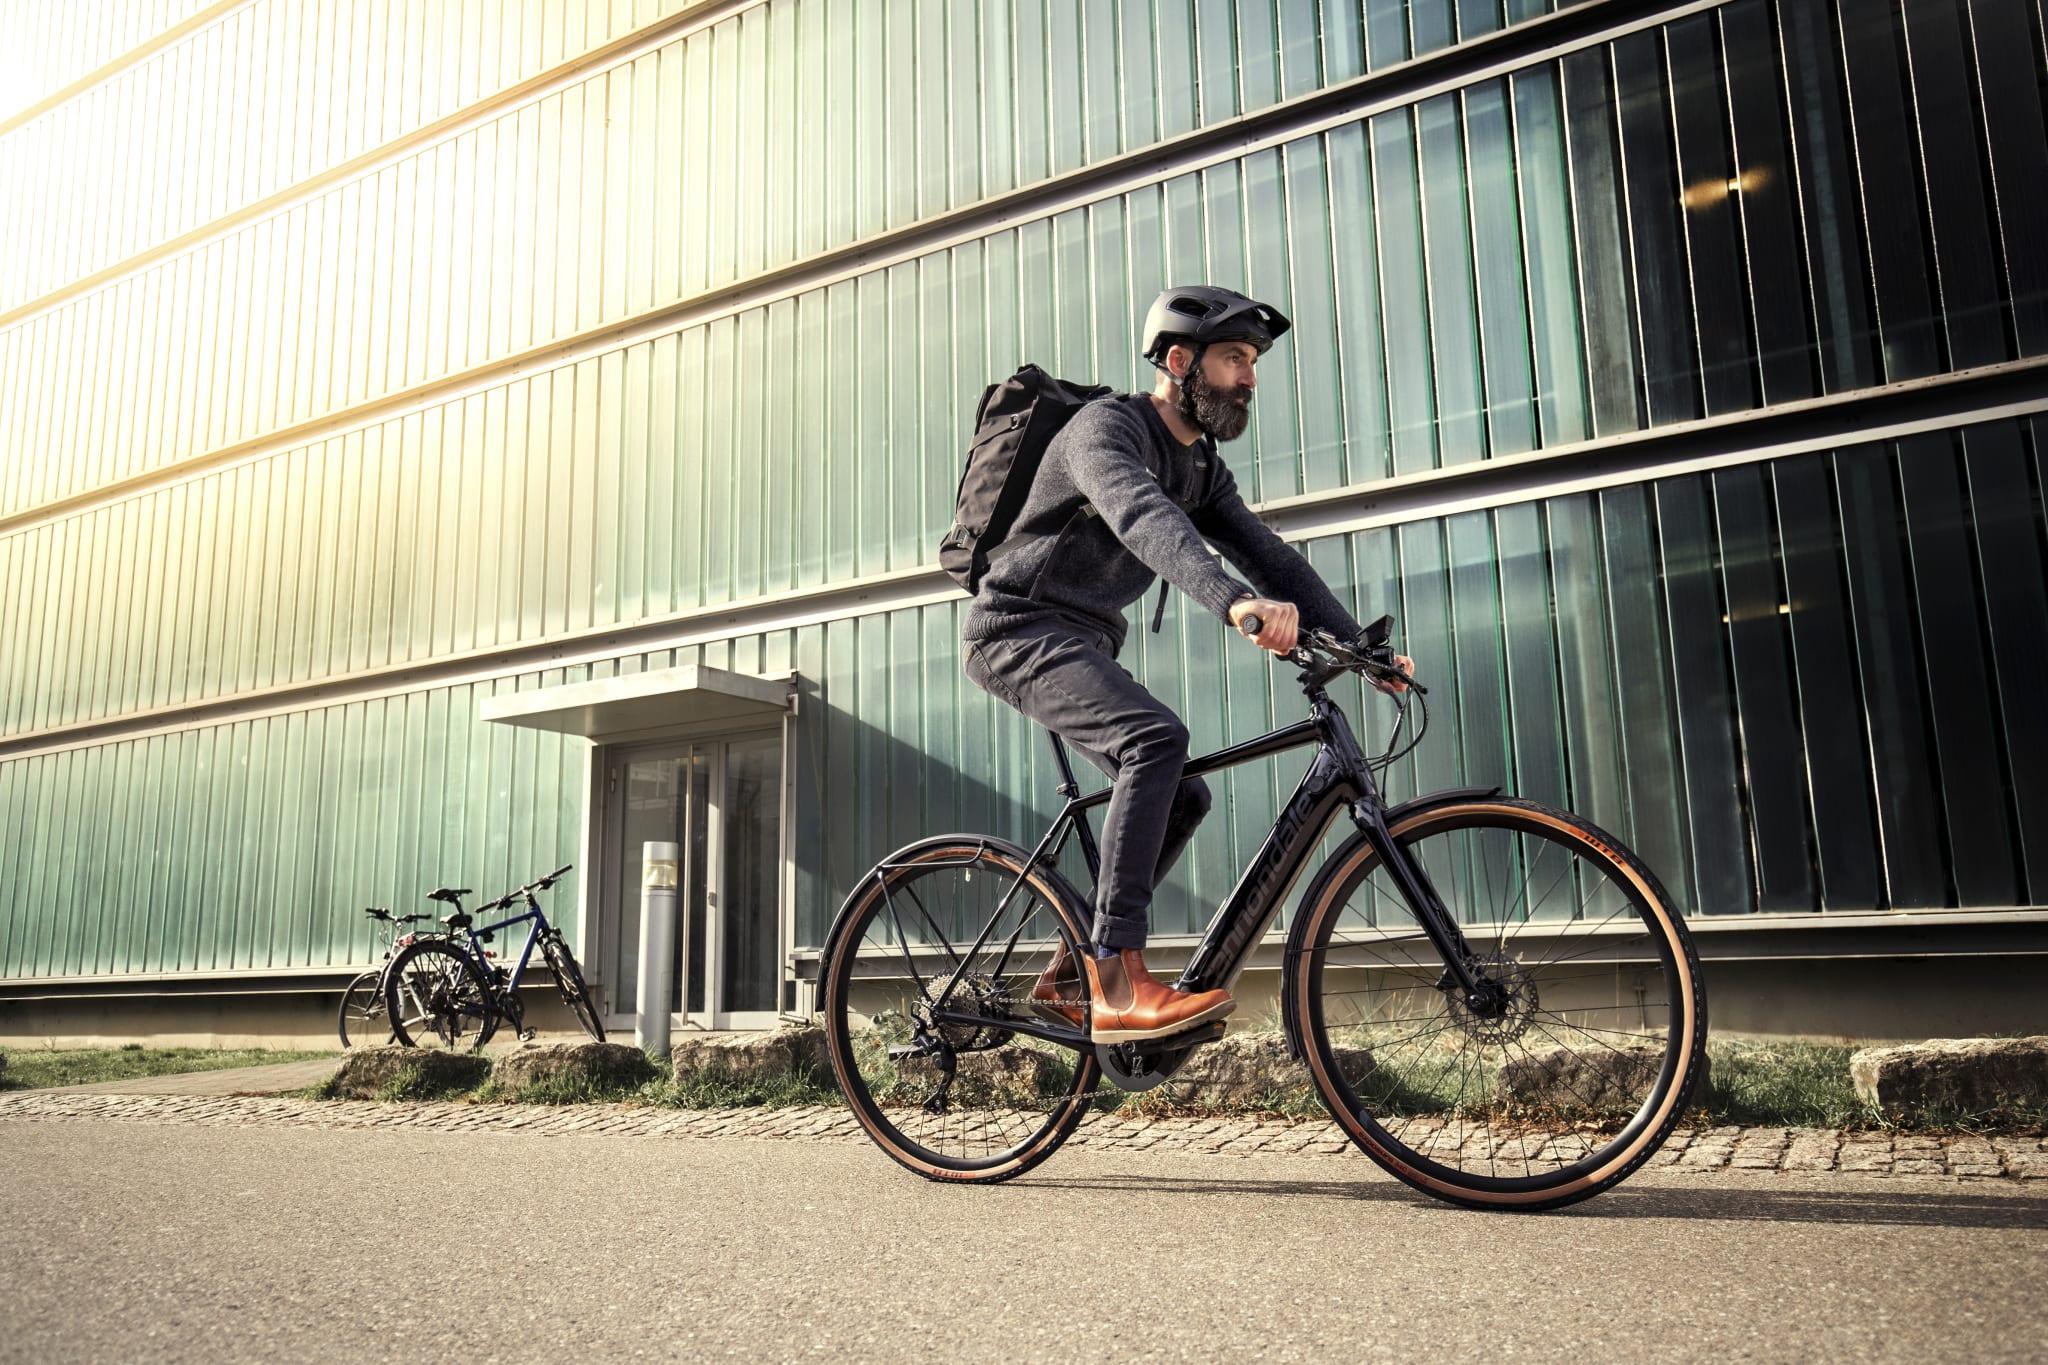 Finn din el-sykkel